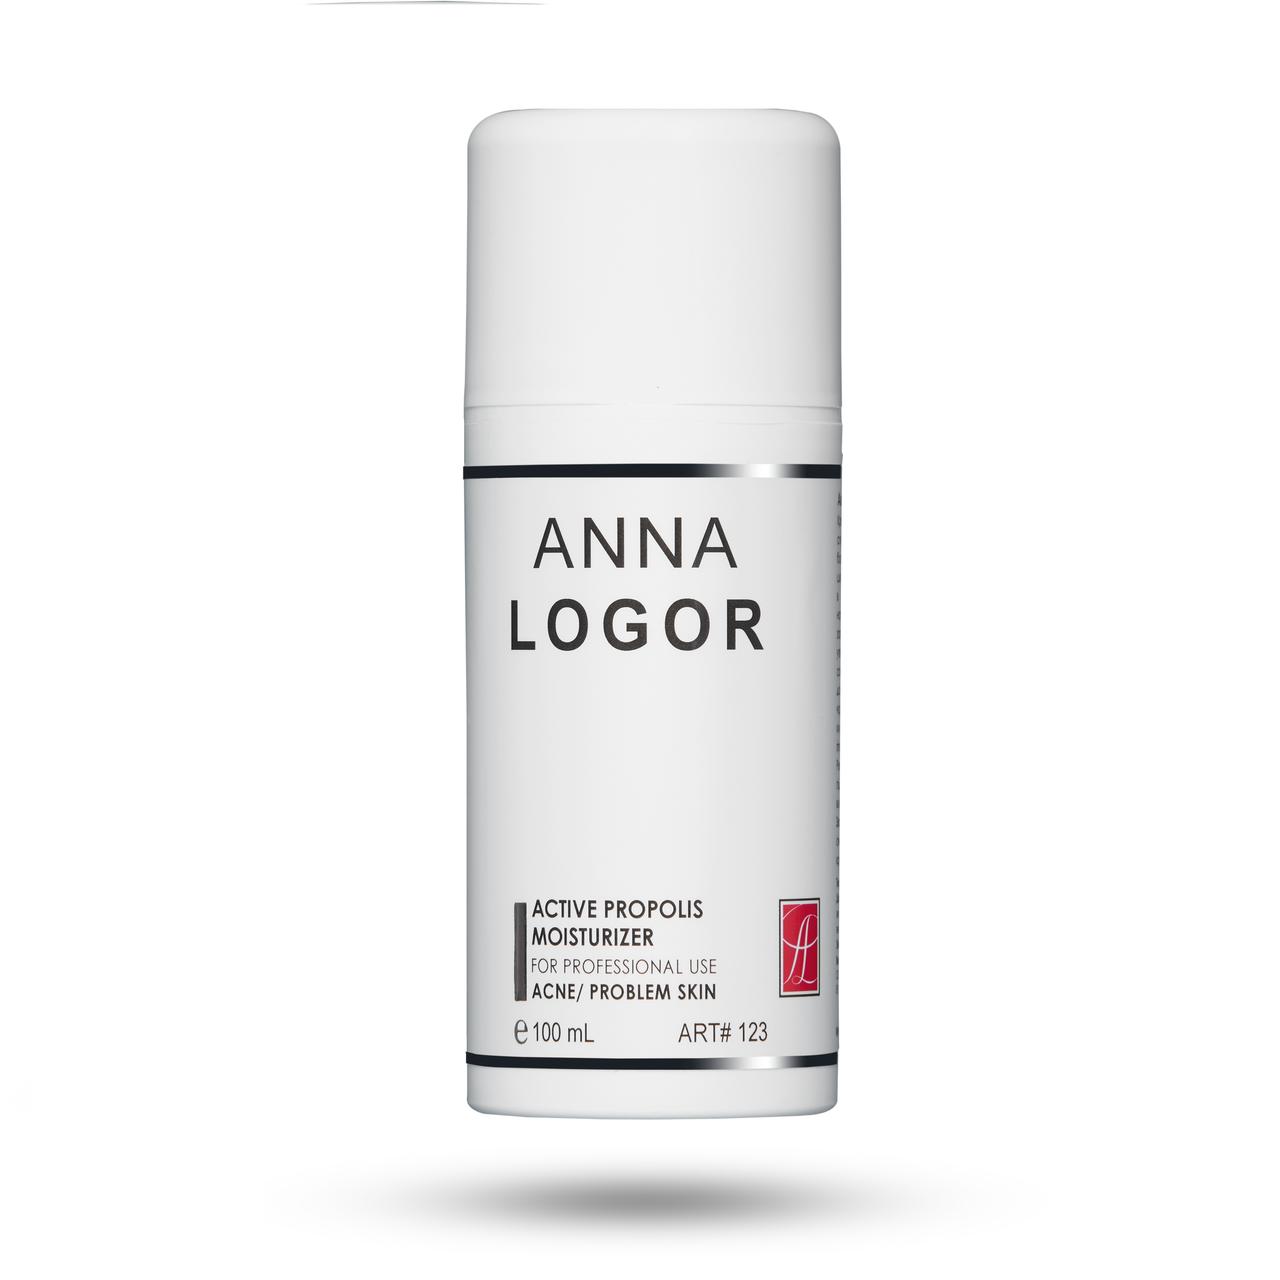 Крем активный с прополисом для проблемной кожи Anna Logor Active Propolis Moisturizer 100 ml Art123